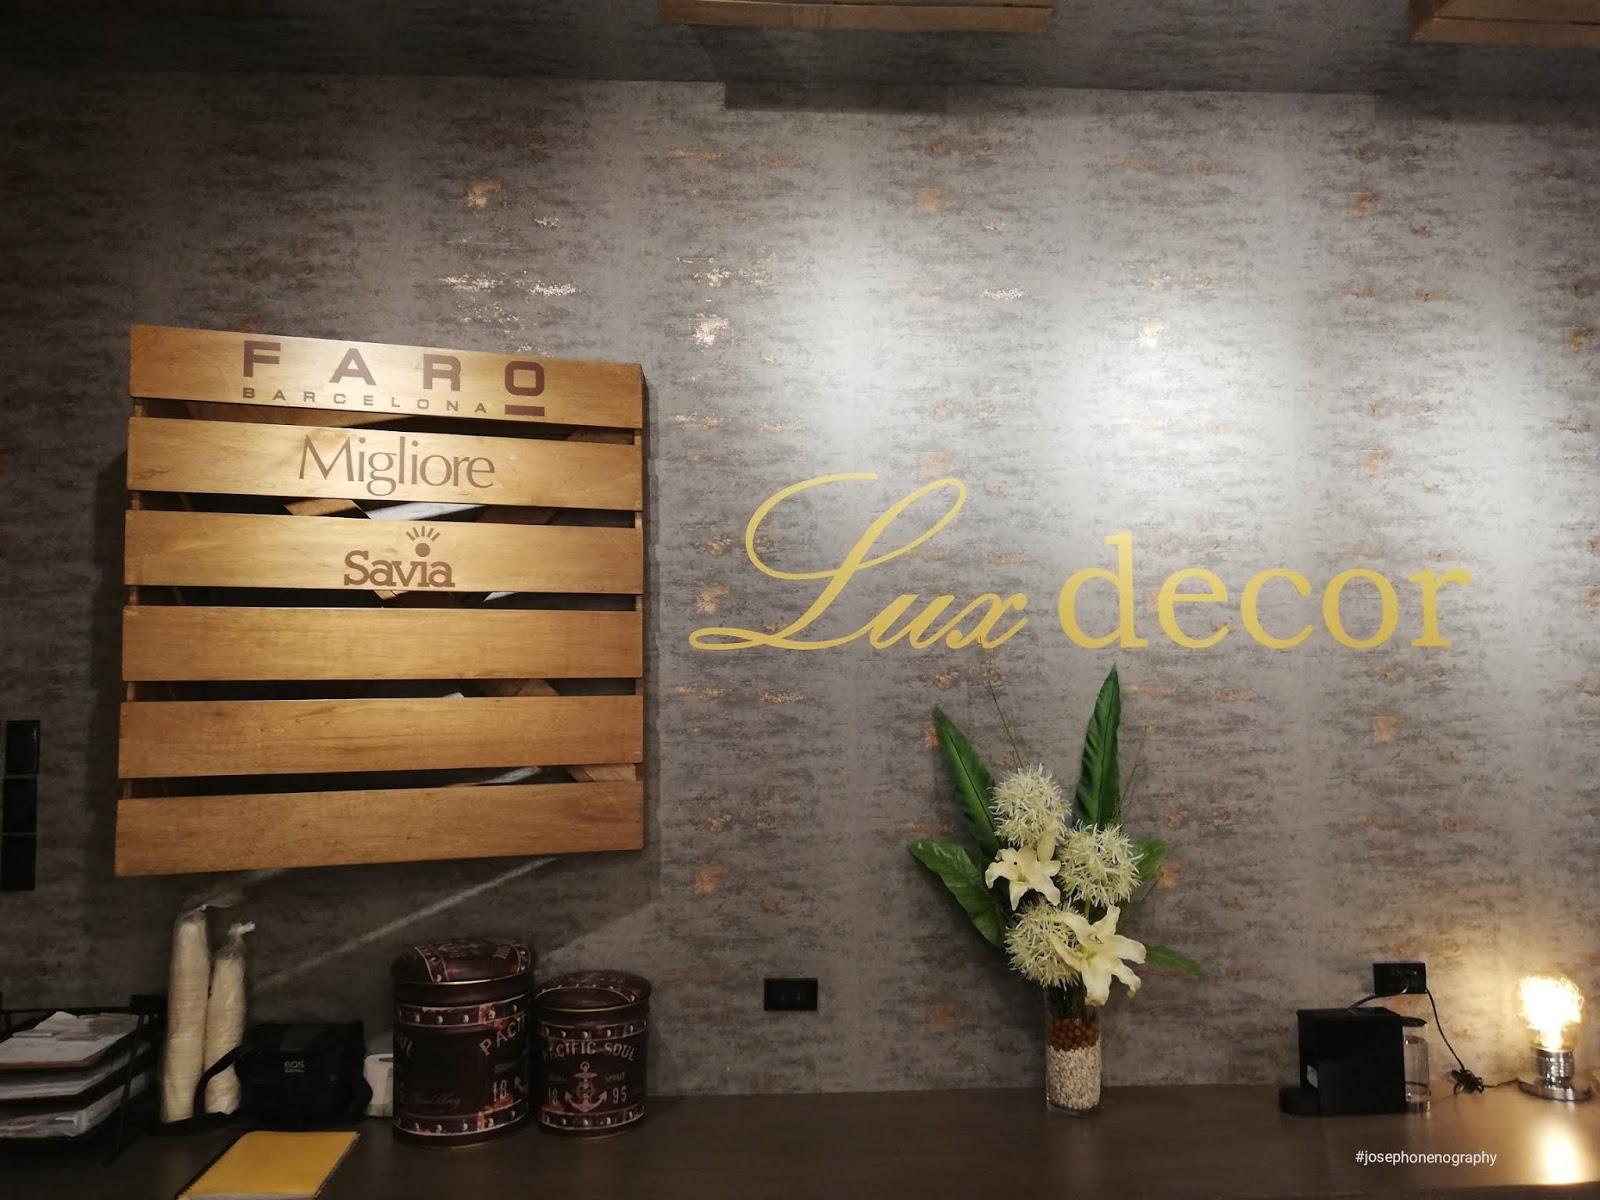 Pinoytrendsonline.com: trending lighting design for 2019 divulge by